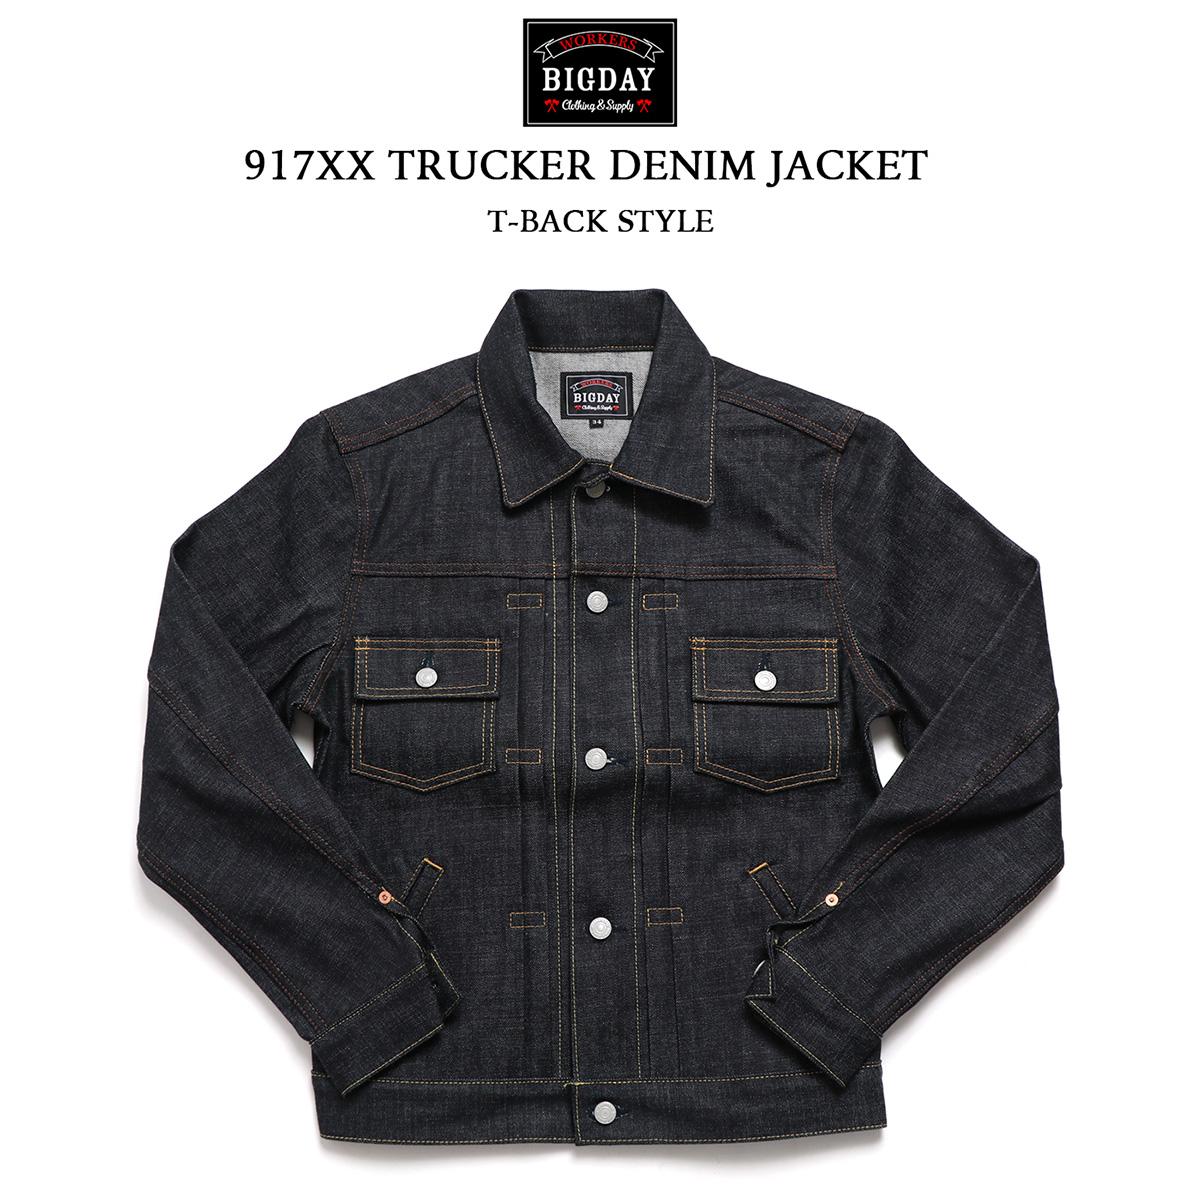 BIG DAY ビッグデイ ジャケット デニム メンズ トラッカーデニムジャケット T-BACK STYLE 綿100% 大きいサイズ 日本製 #917XX